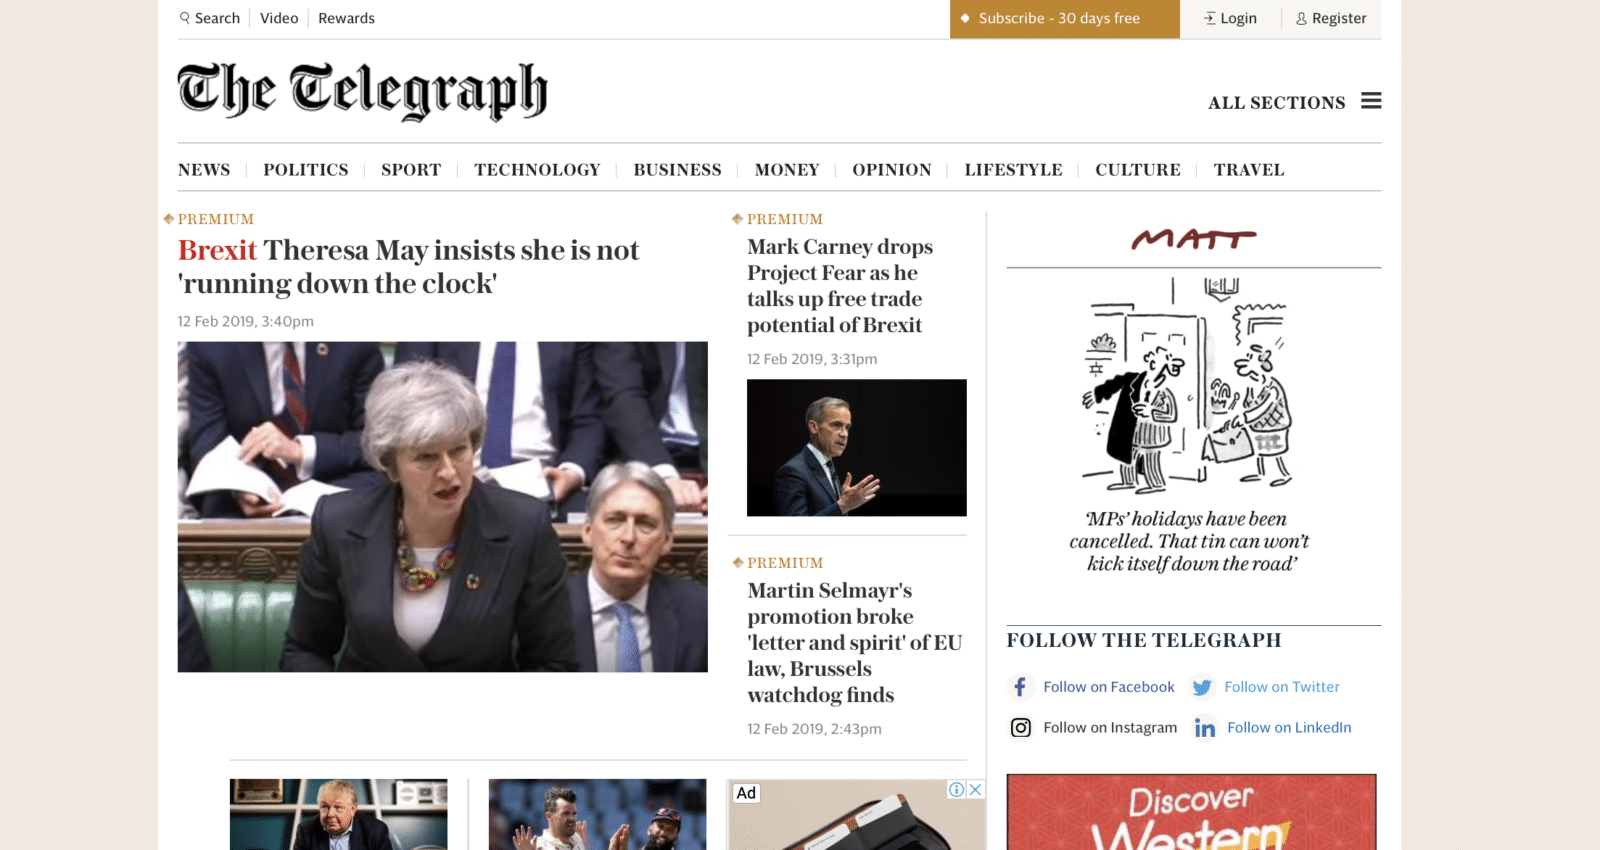 กลยุทธ์การทำ User Payment  ของ The Telegraph หวังสมาชิก 10 ล้านคน